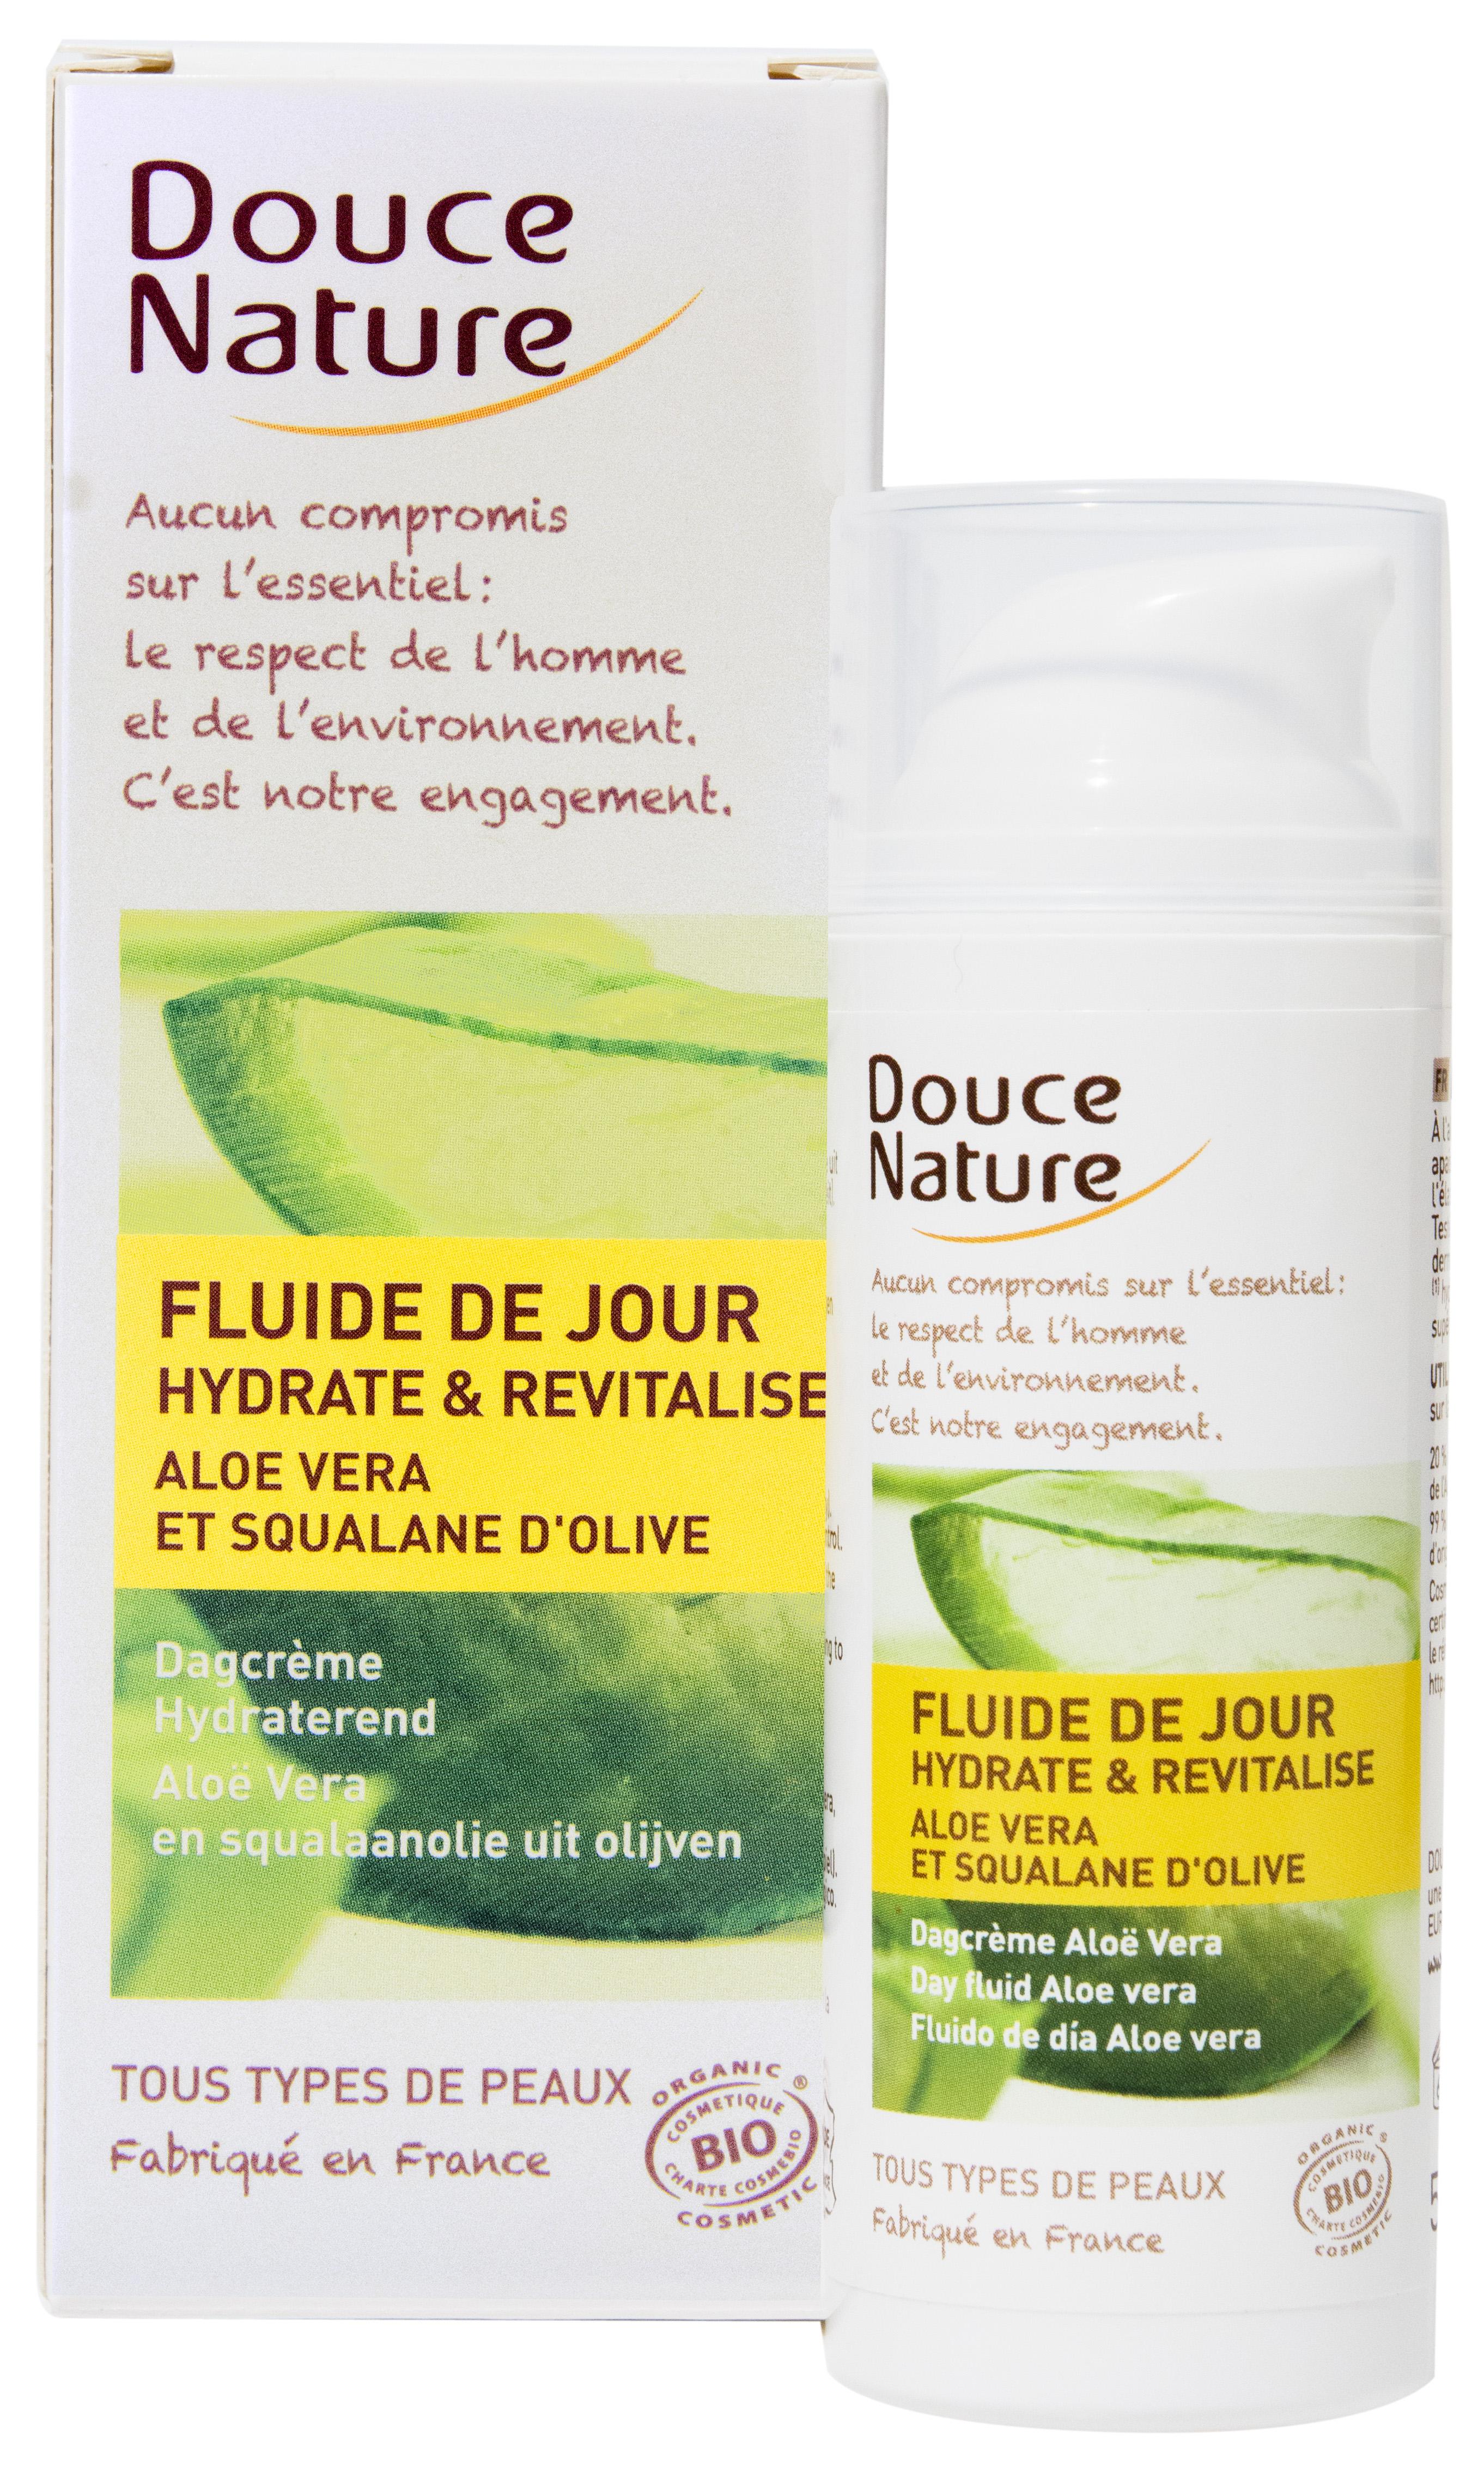 Fluide de jour Aloé Vera et Squalane d'olive, Douce Nature (50 ml)